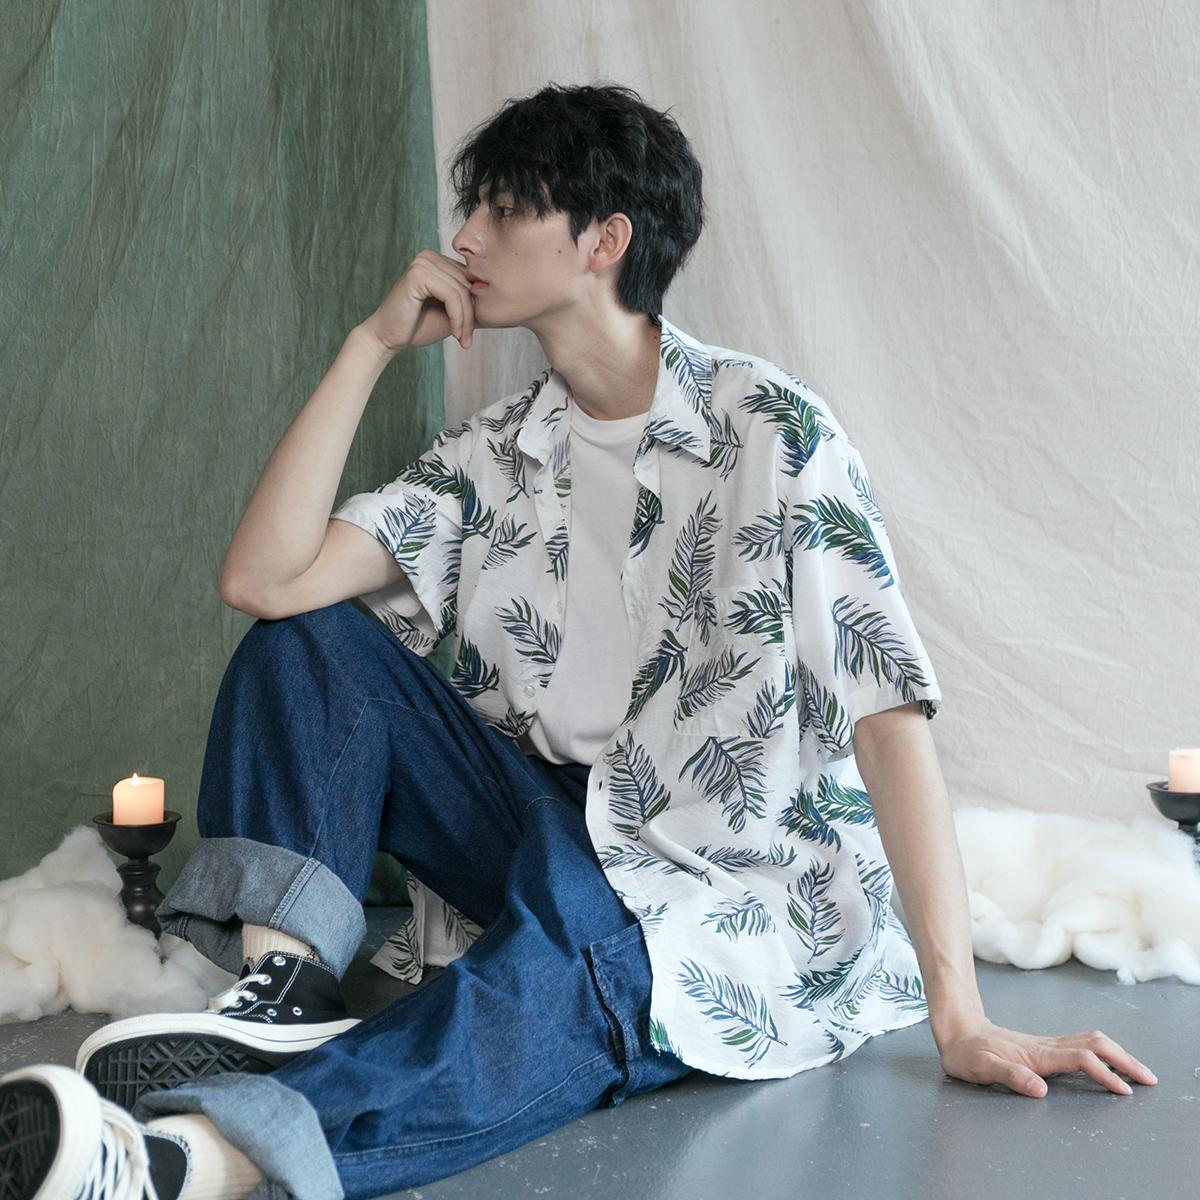 韩版ulzzang西海岸休闲度假风树叶印花衬衣潮人男女宽松短袖衬衫